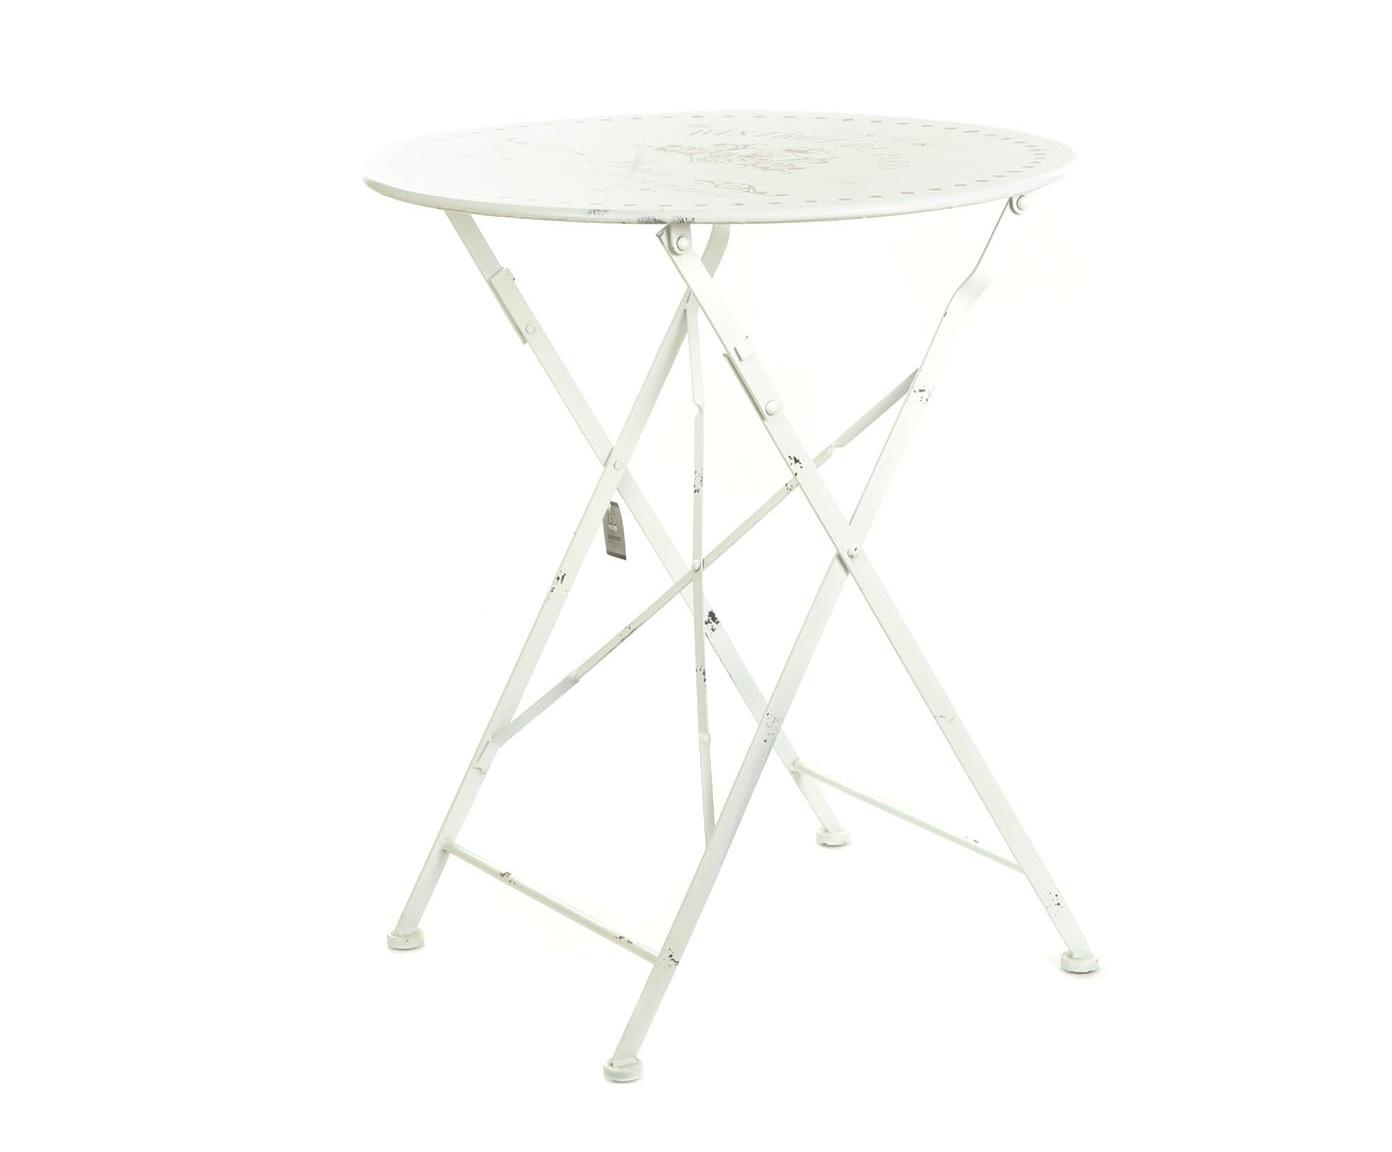 СтоликСтолы и столики для сада<br><br><br>Material: Металл<br>Ширина см: 45<br>Высота см: 75<br>Глубина см: 45